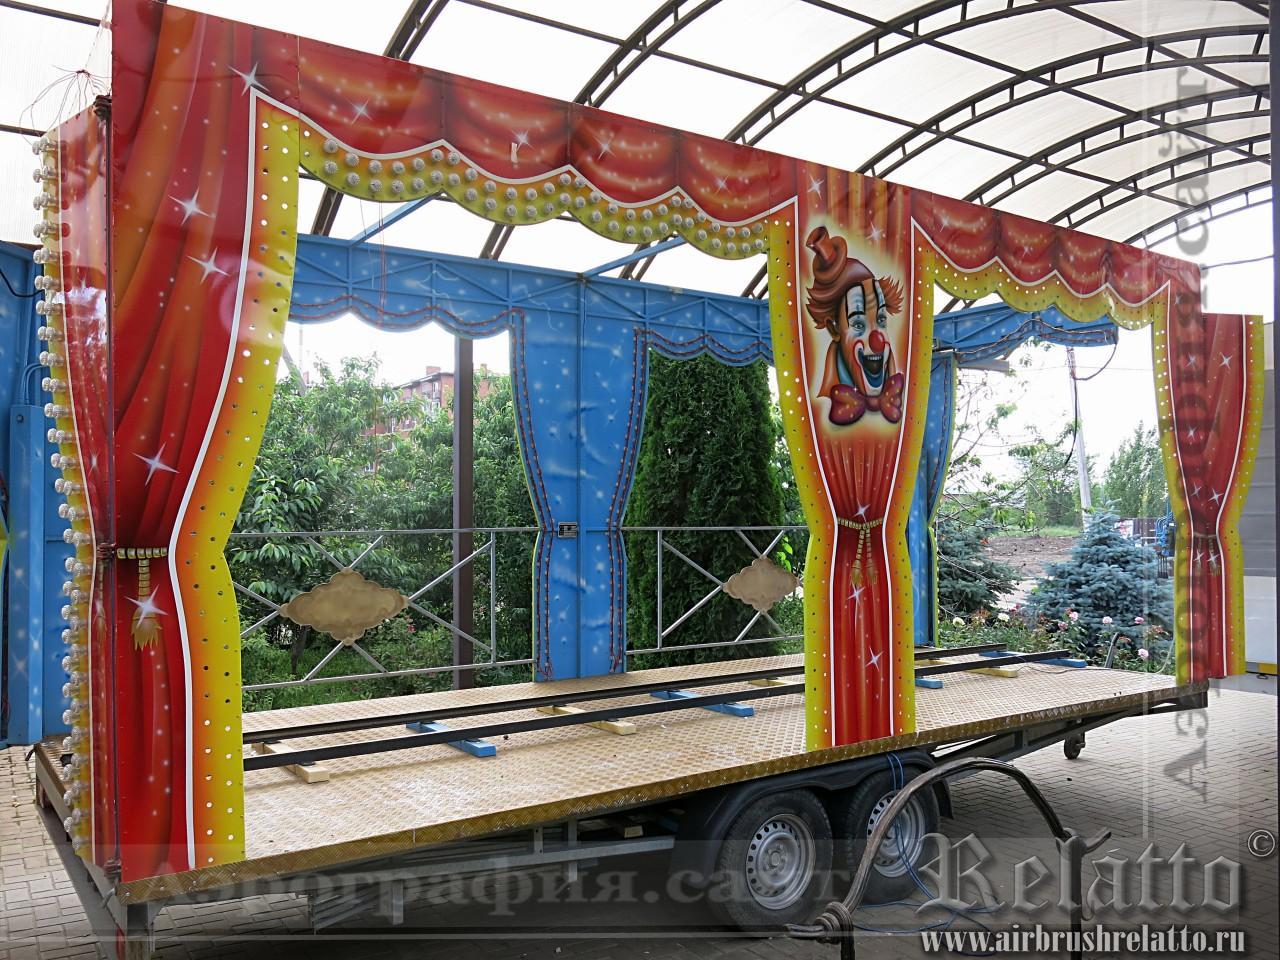 аэрография цирковых аттракционов